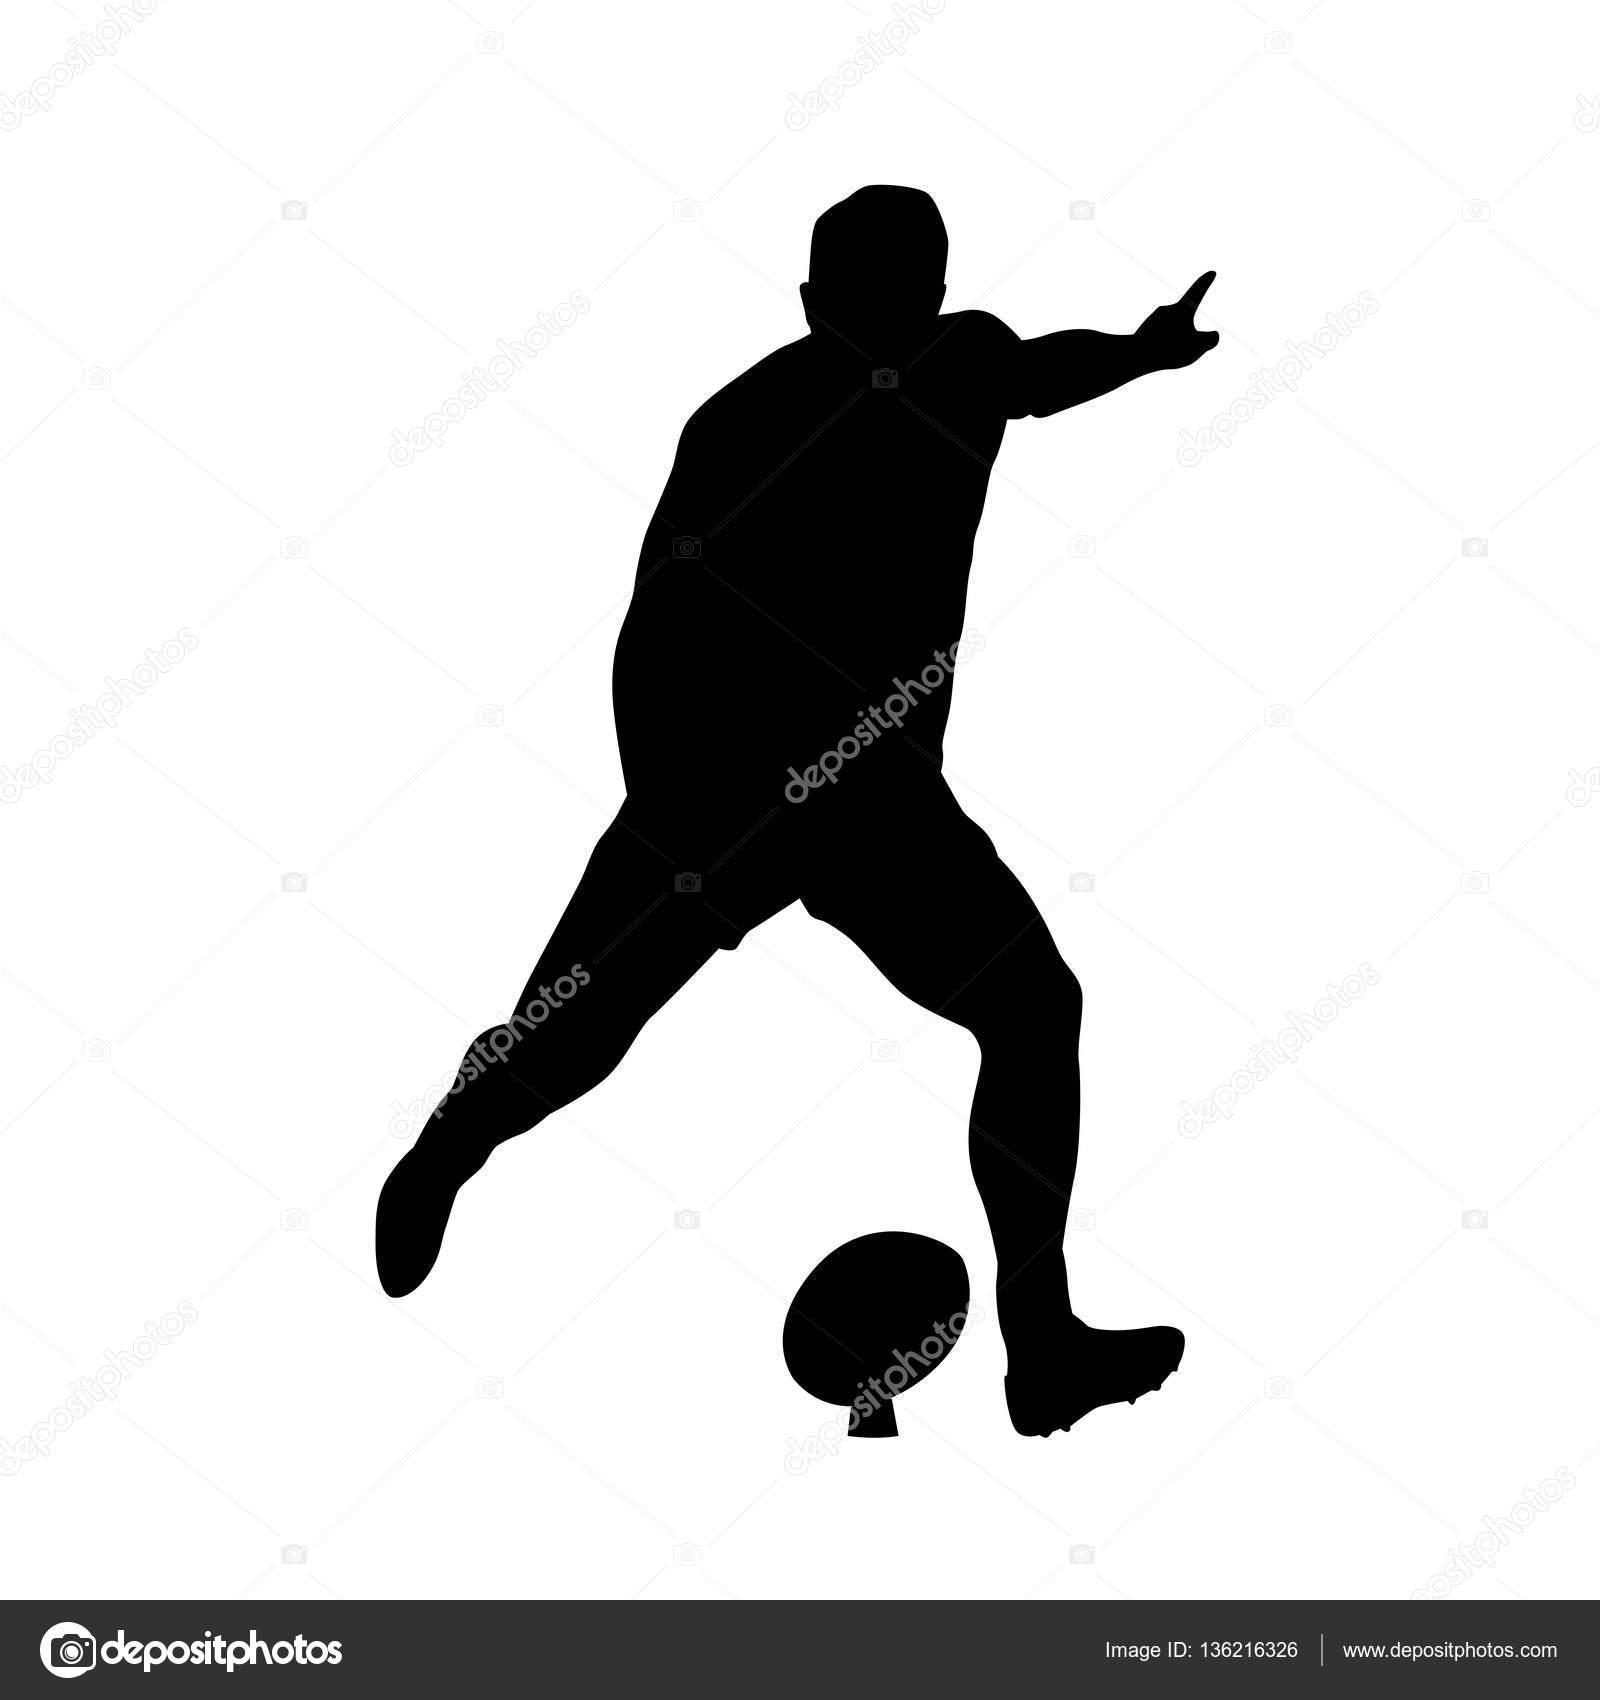 joueur de rugby taper dans ballon silhouette vecteur image vectorielle msanca 136216326. Black Bedroom Furniture Sets. Home Design Ideas